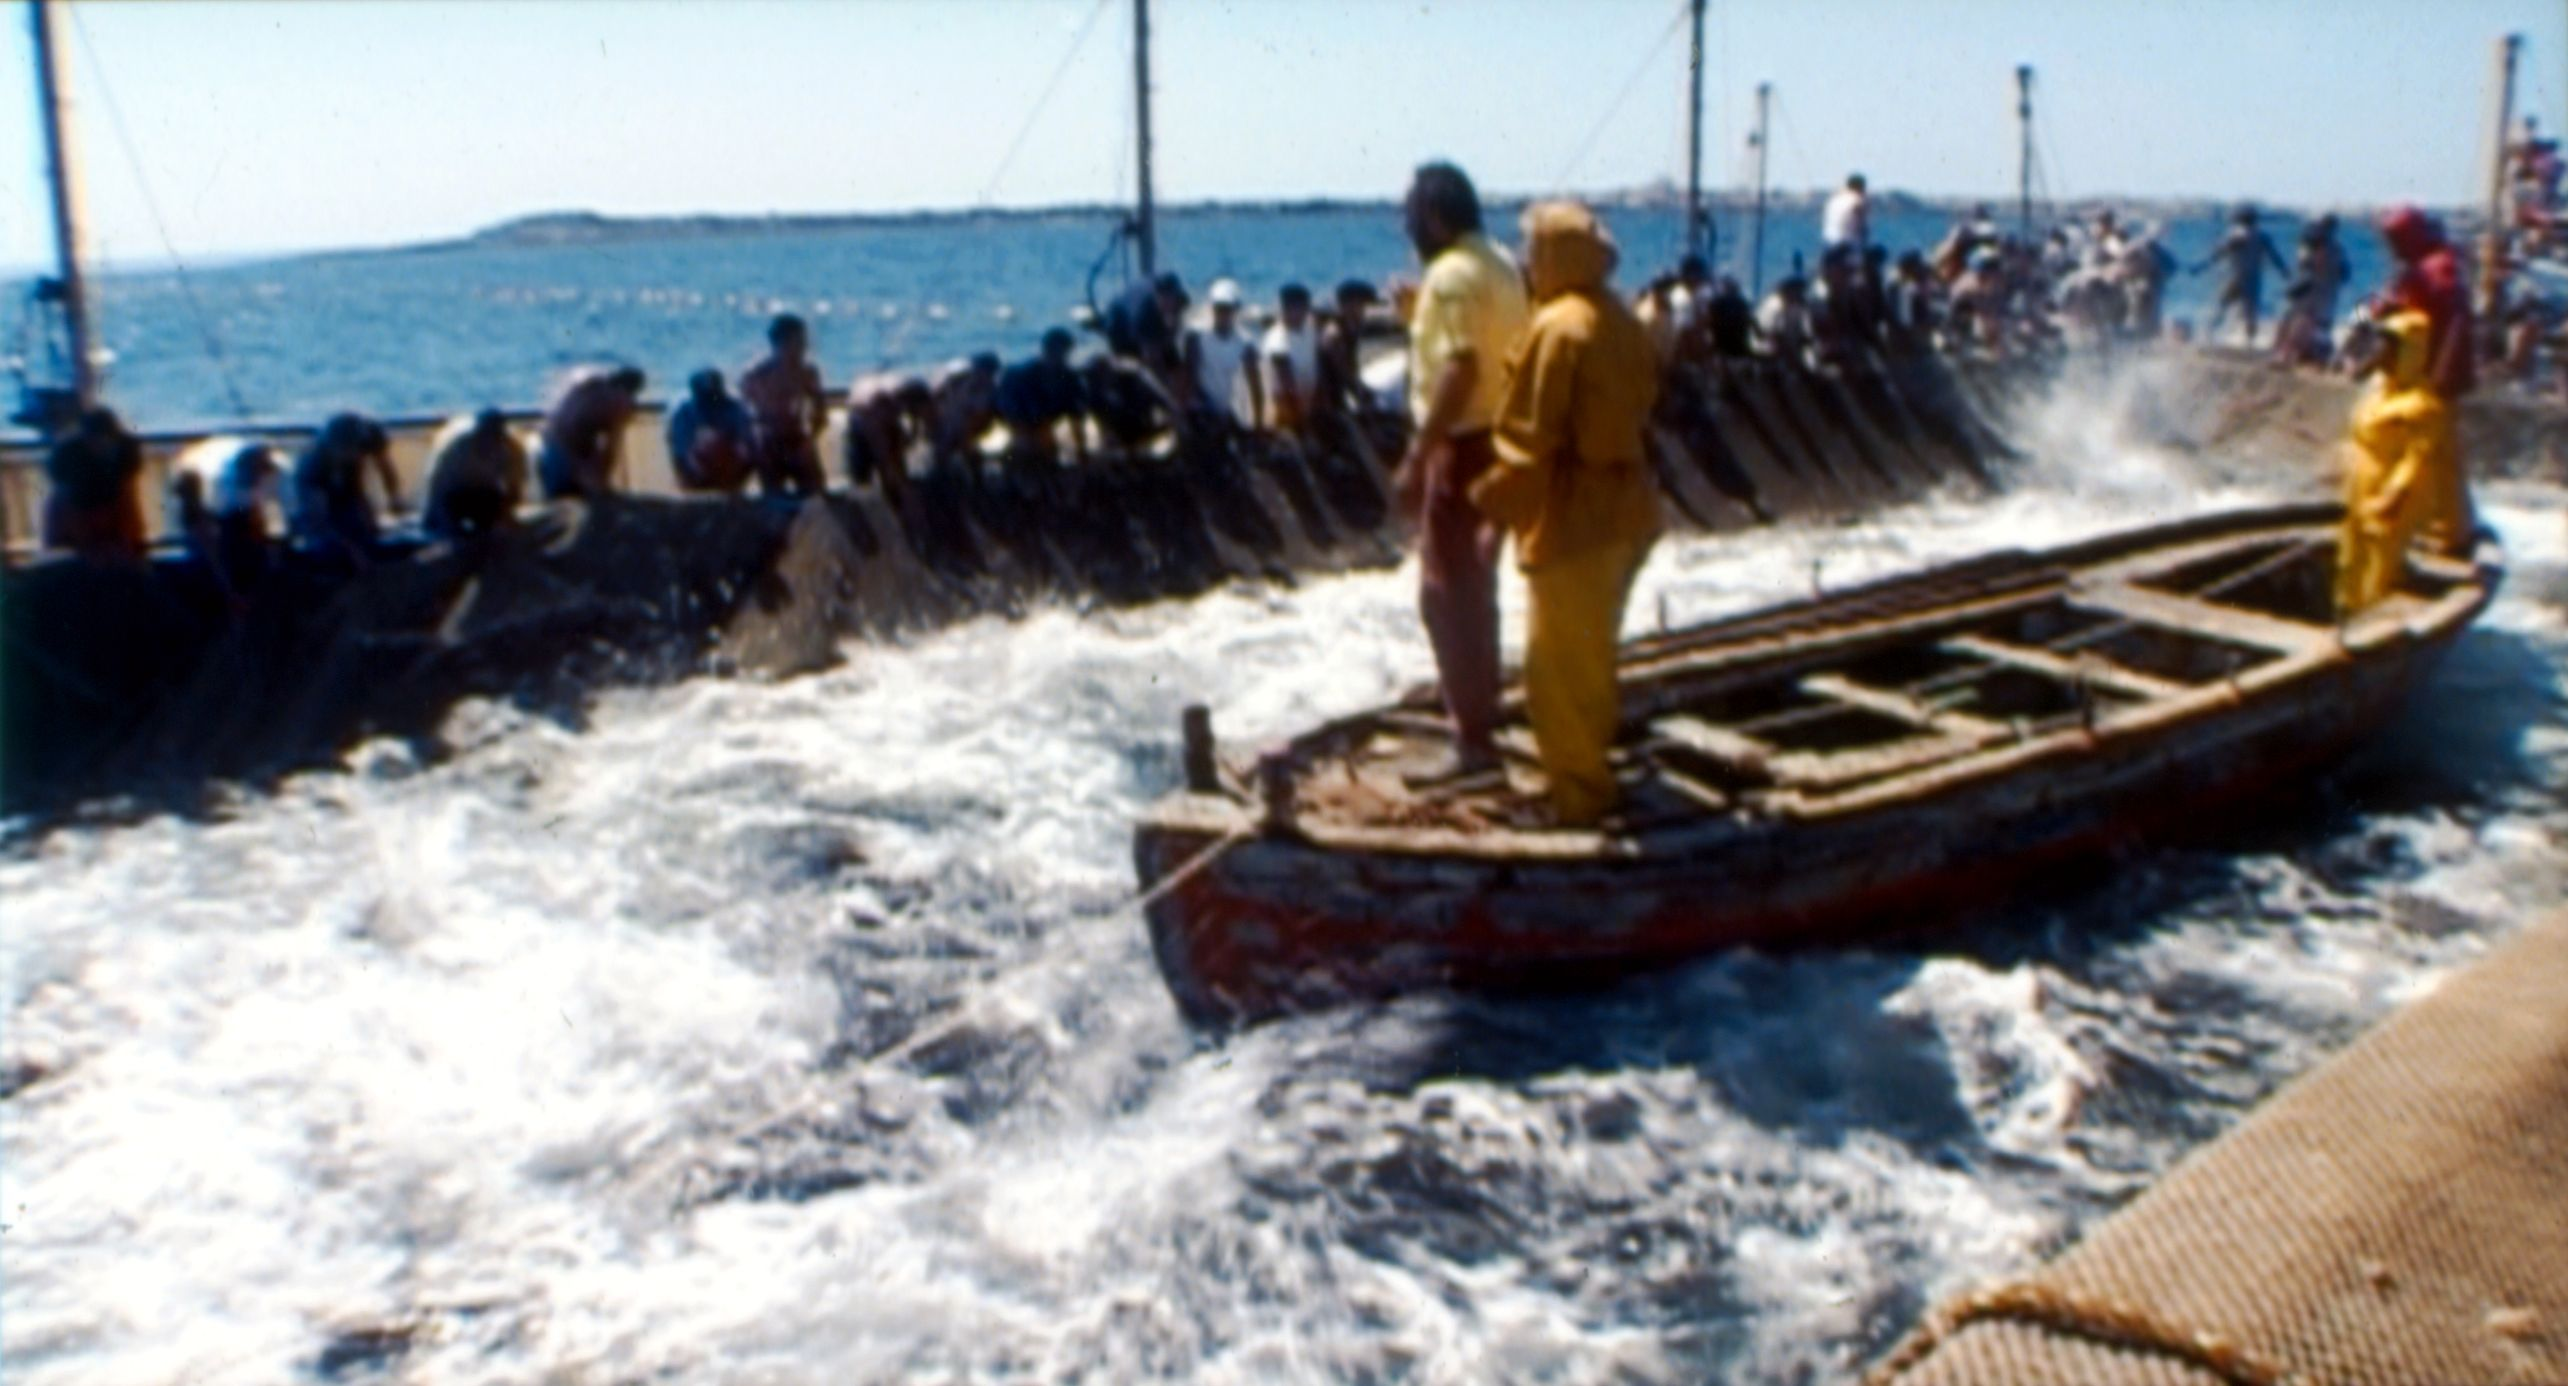 Tunfiskfangst på Sardinia.